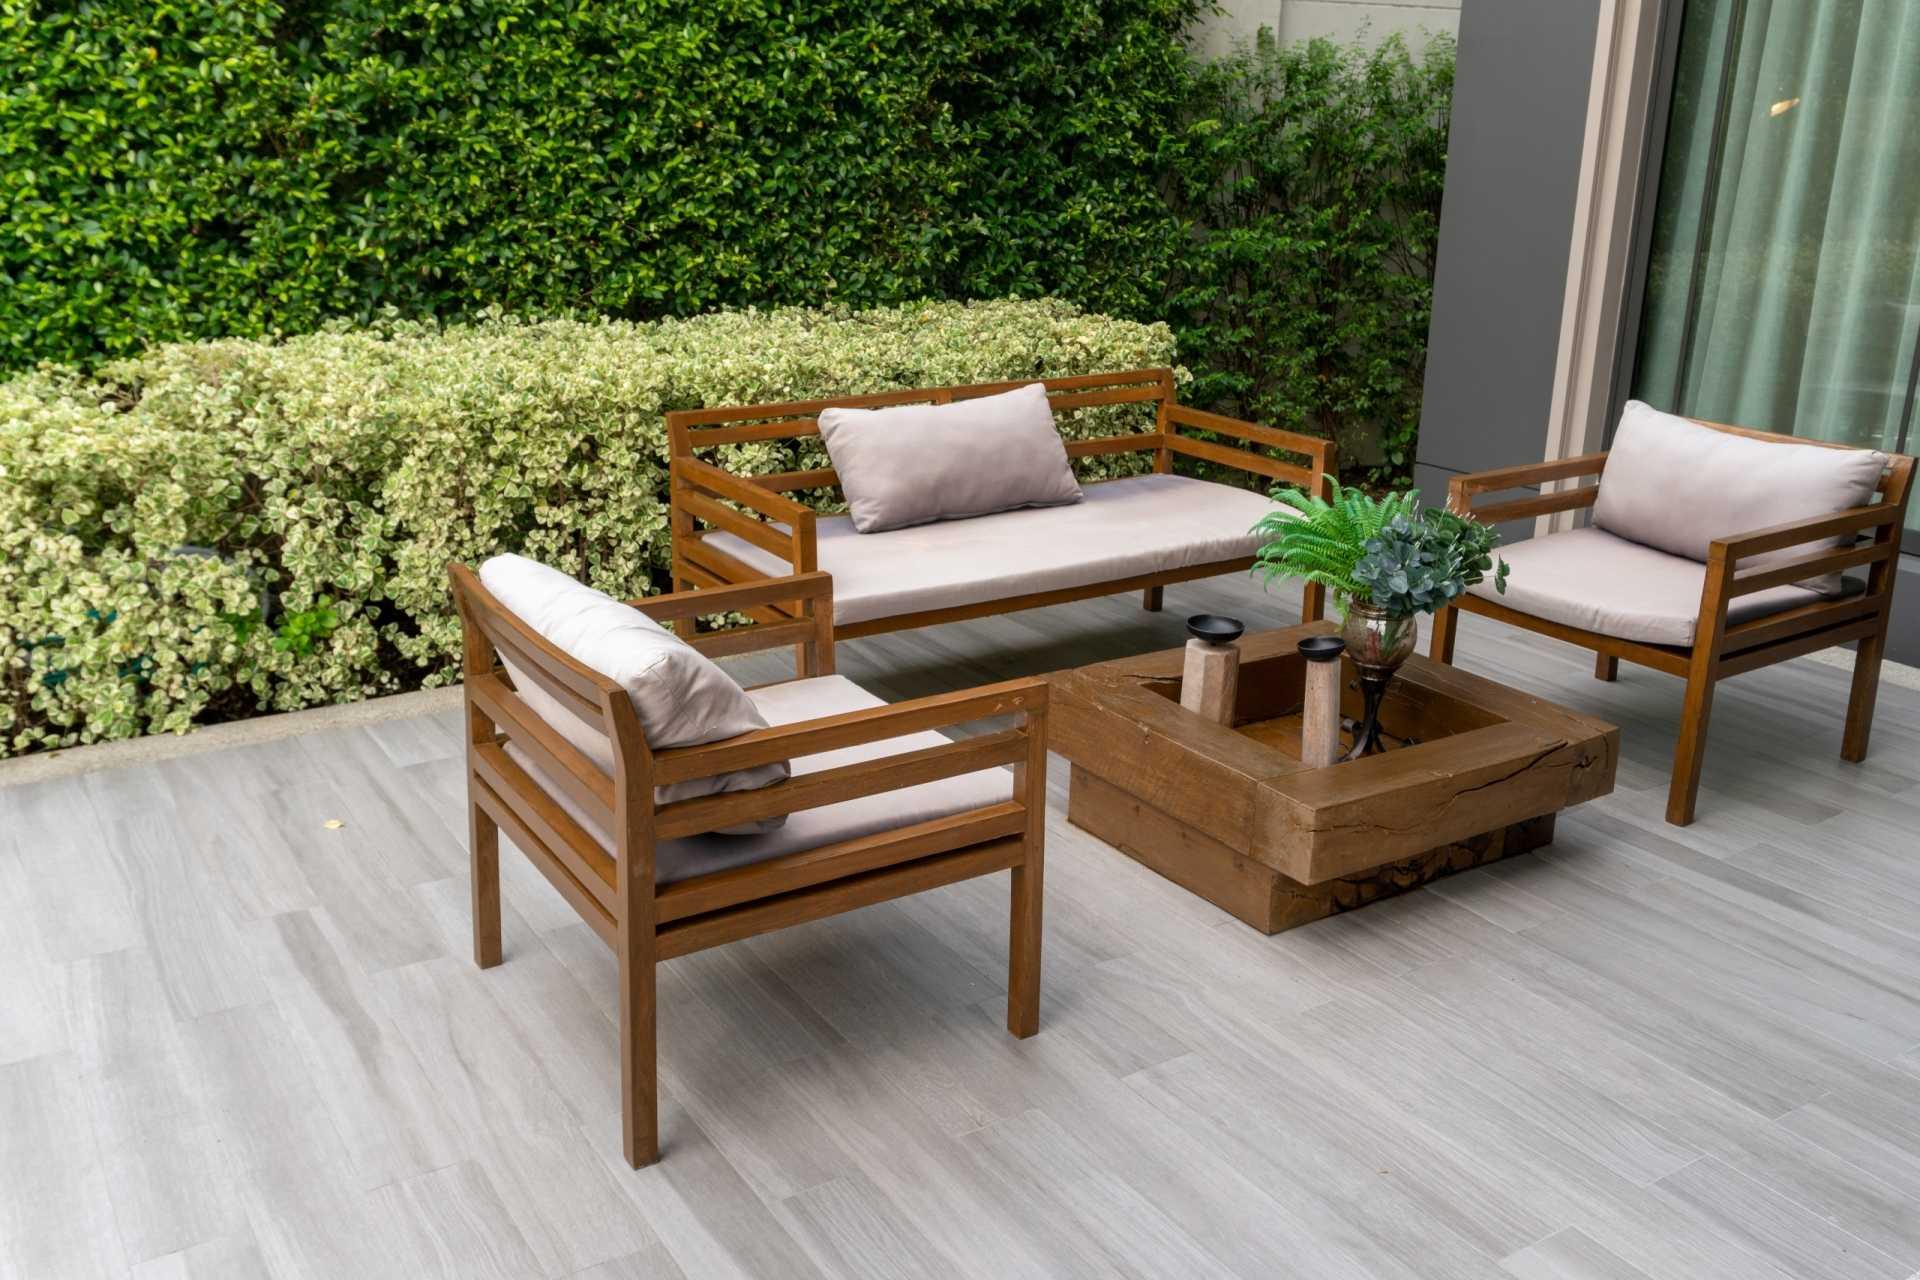 Gartenmöbel aus Holz – Kaufkriterien und Test